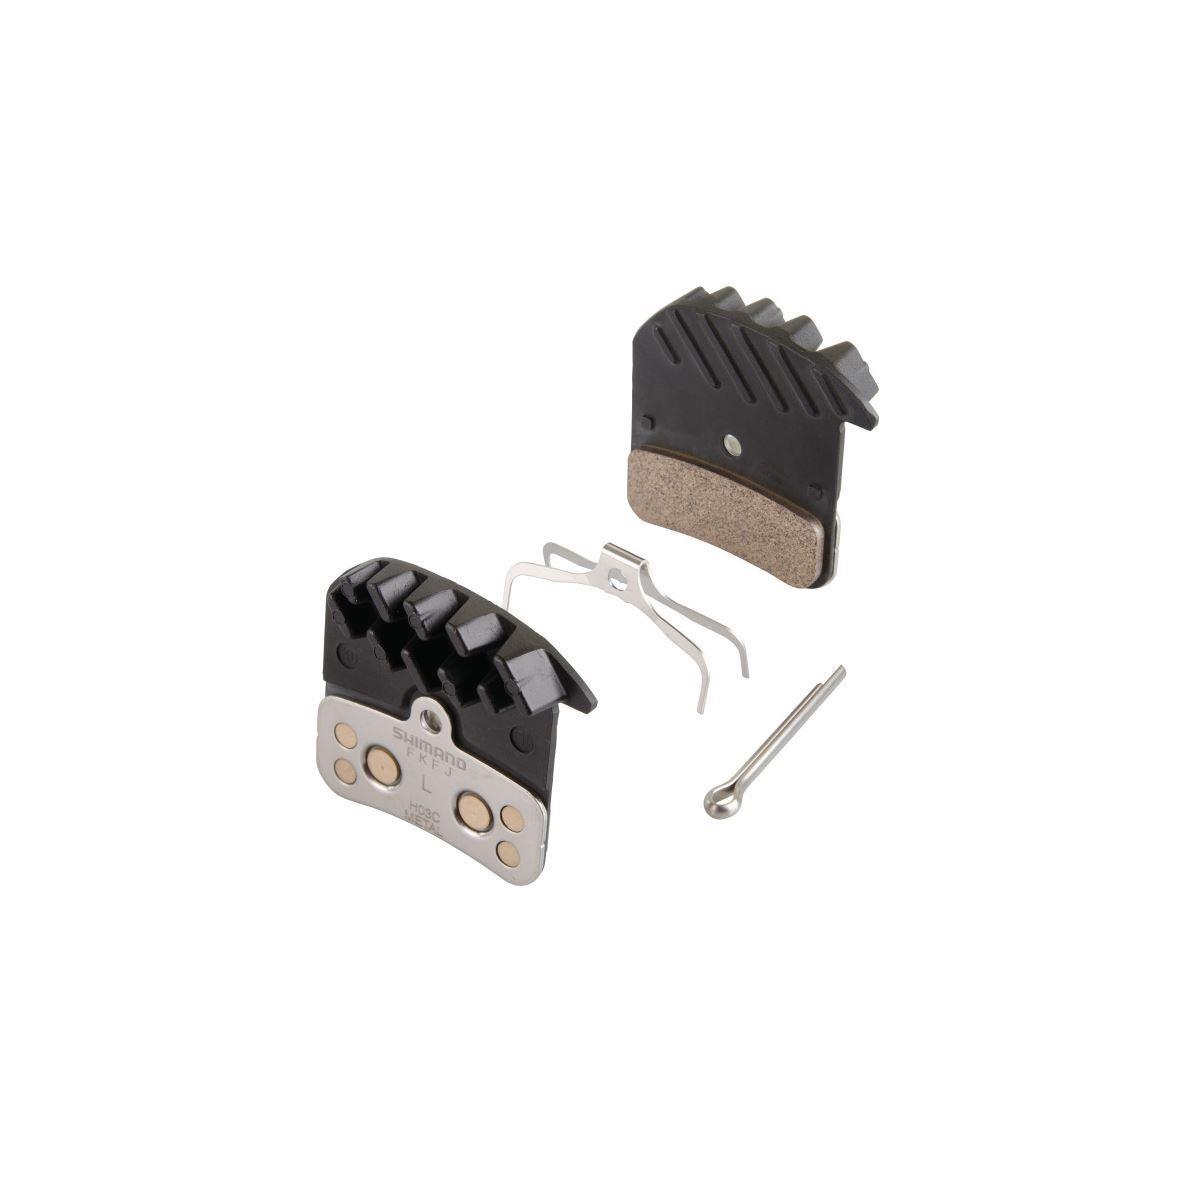 SHIMANO H03C Ice-Tech Bremsbeläge mit Kühlrippen Metall für Scheibenbremsen    Genial Und Praktisch